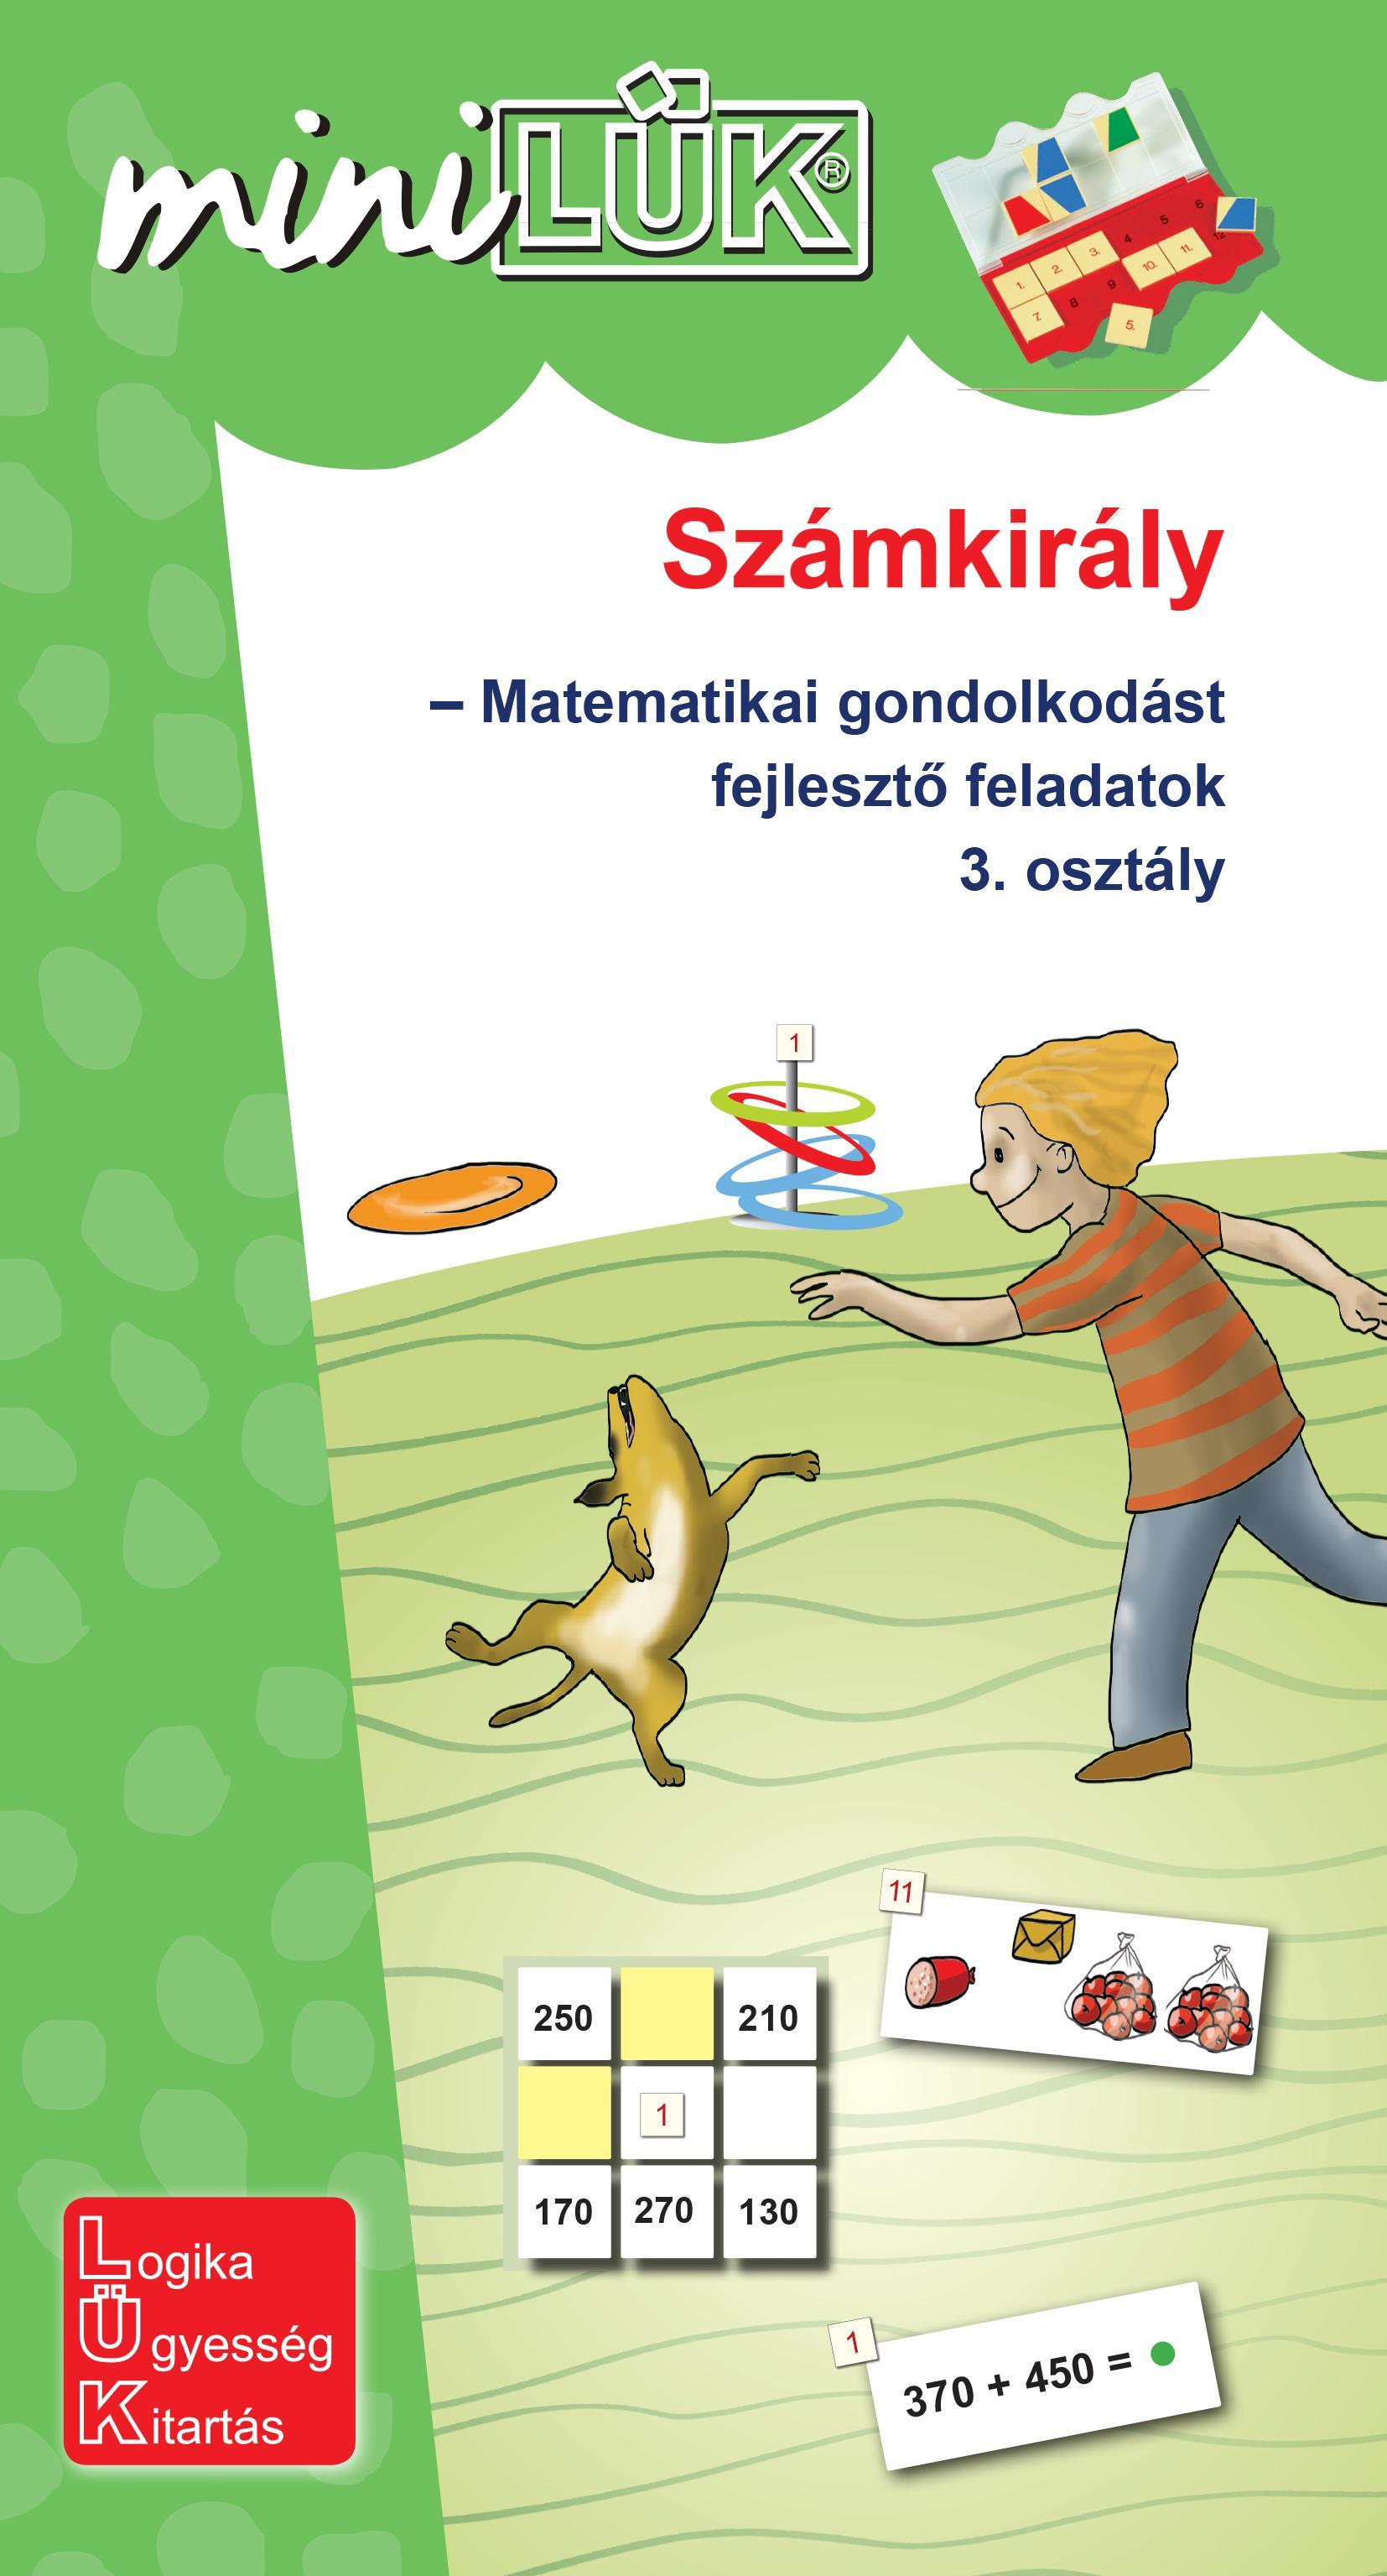 SZÁMKIRÁLY - MATEMATIKAI GONDOLKODÁST FEJLESZTÕ FELADATOK 3. OSZTÁLY - MINILÜK